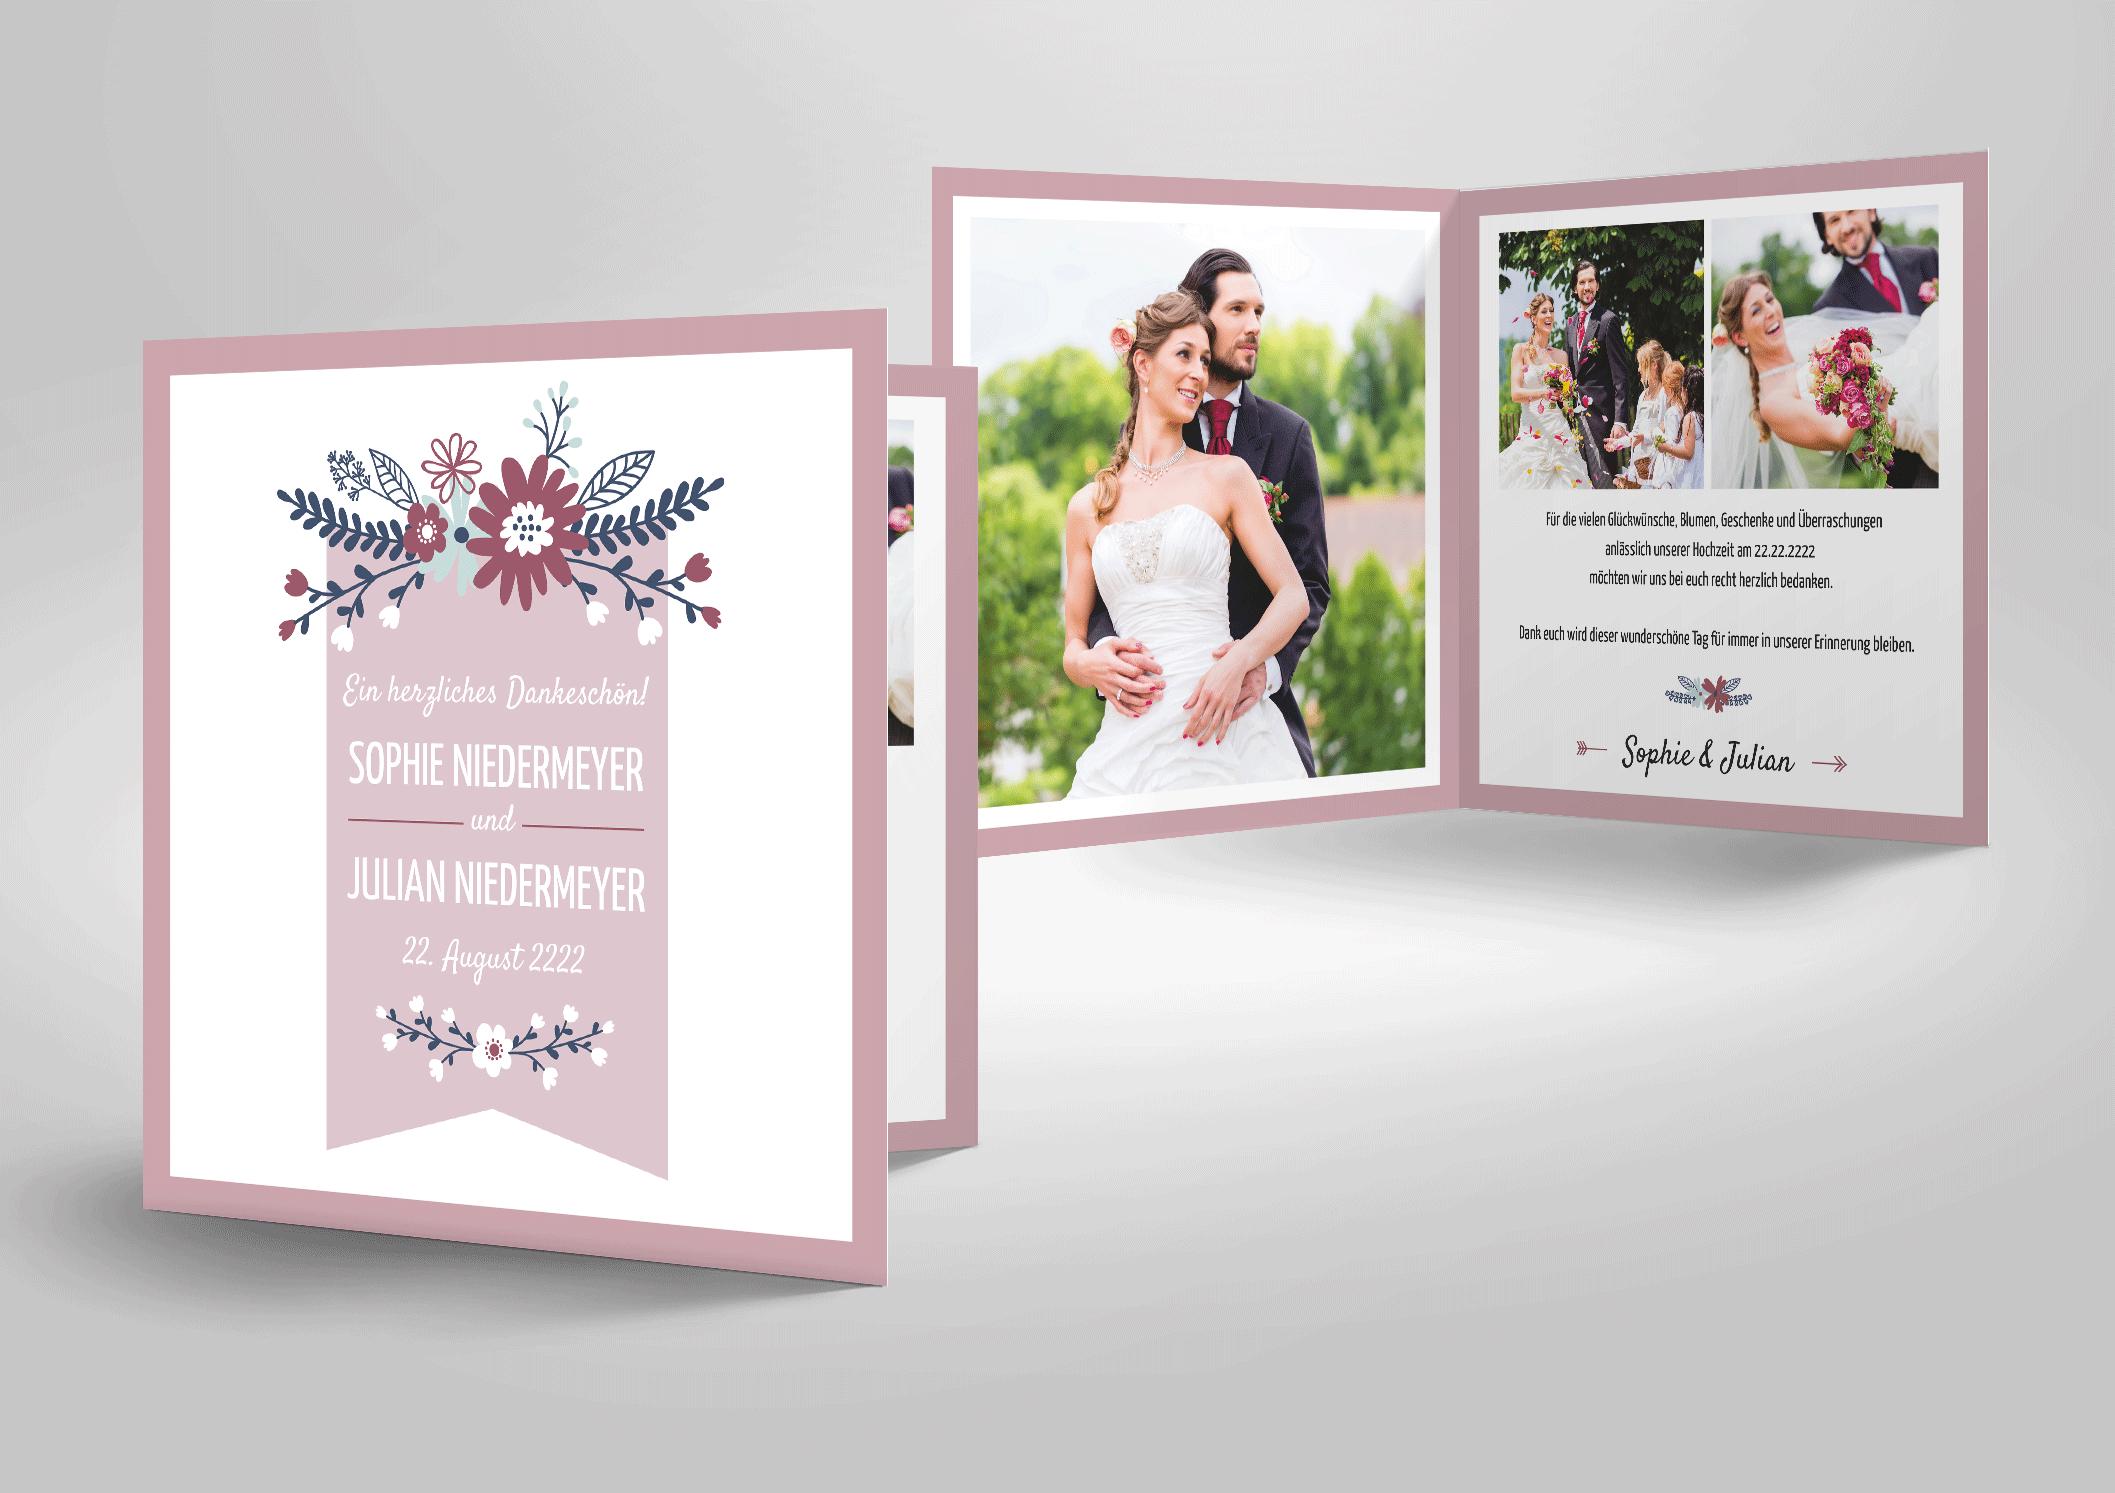 Dankeskarte zur Hochzeit Landliebe mit Blüten, Landhausstil